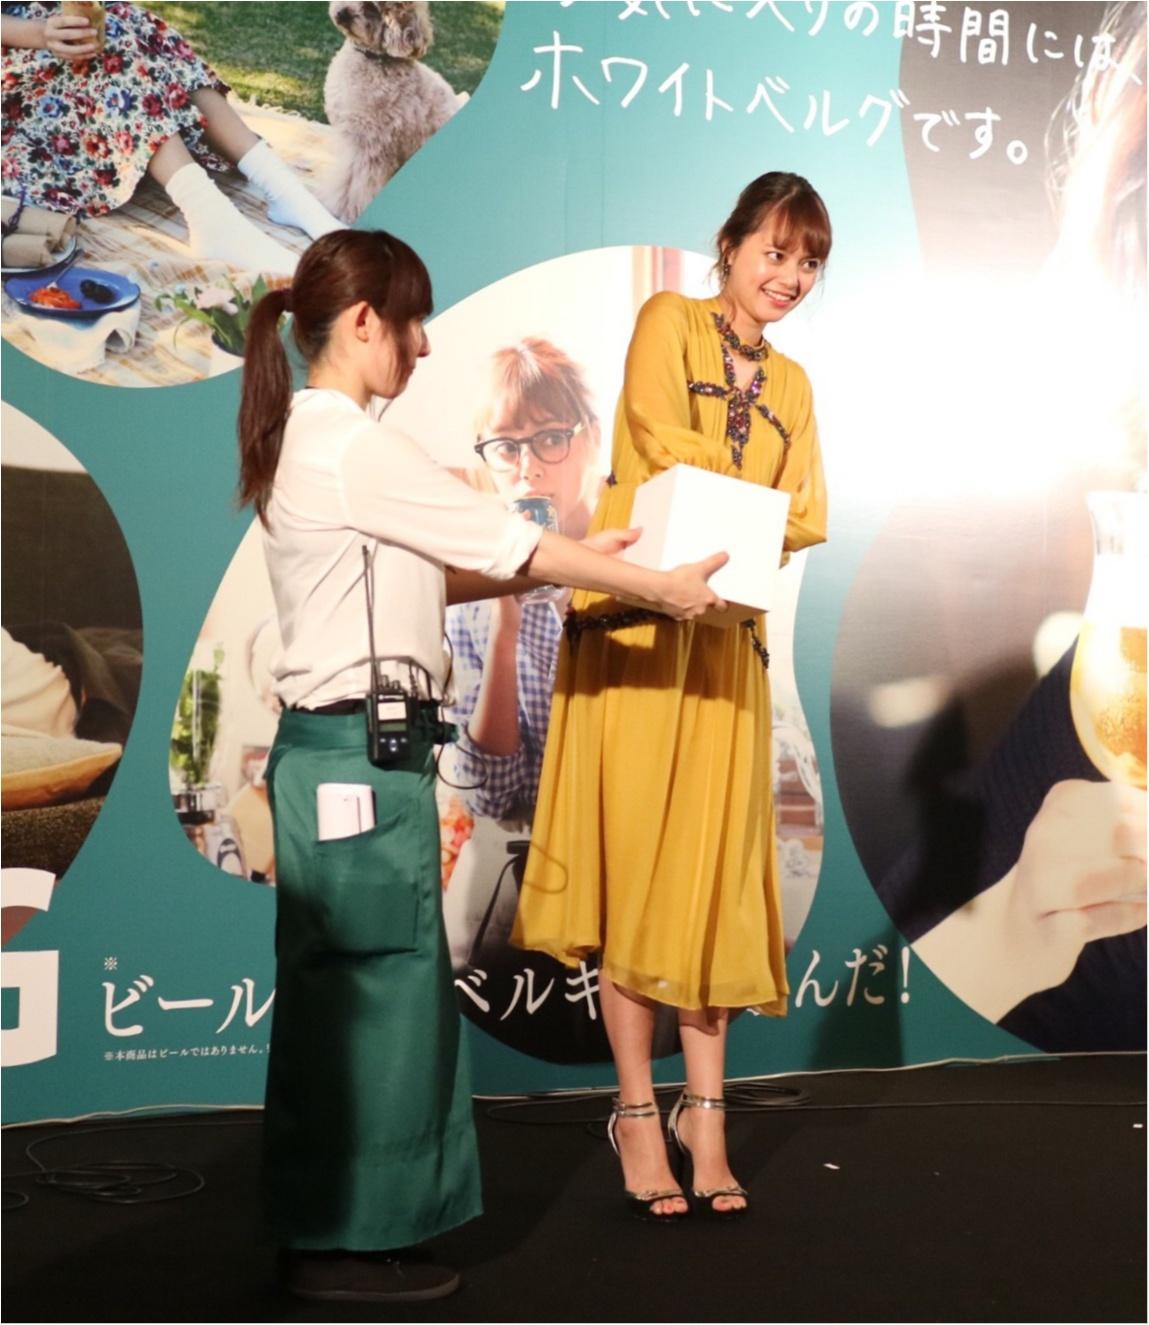 岸本セシルおすすめ♡ 『ホワイトベルグゼミ』ファンイベントに潜入してきました!_4